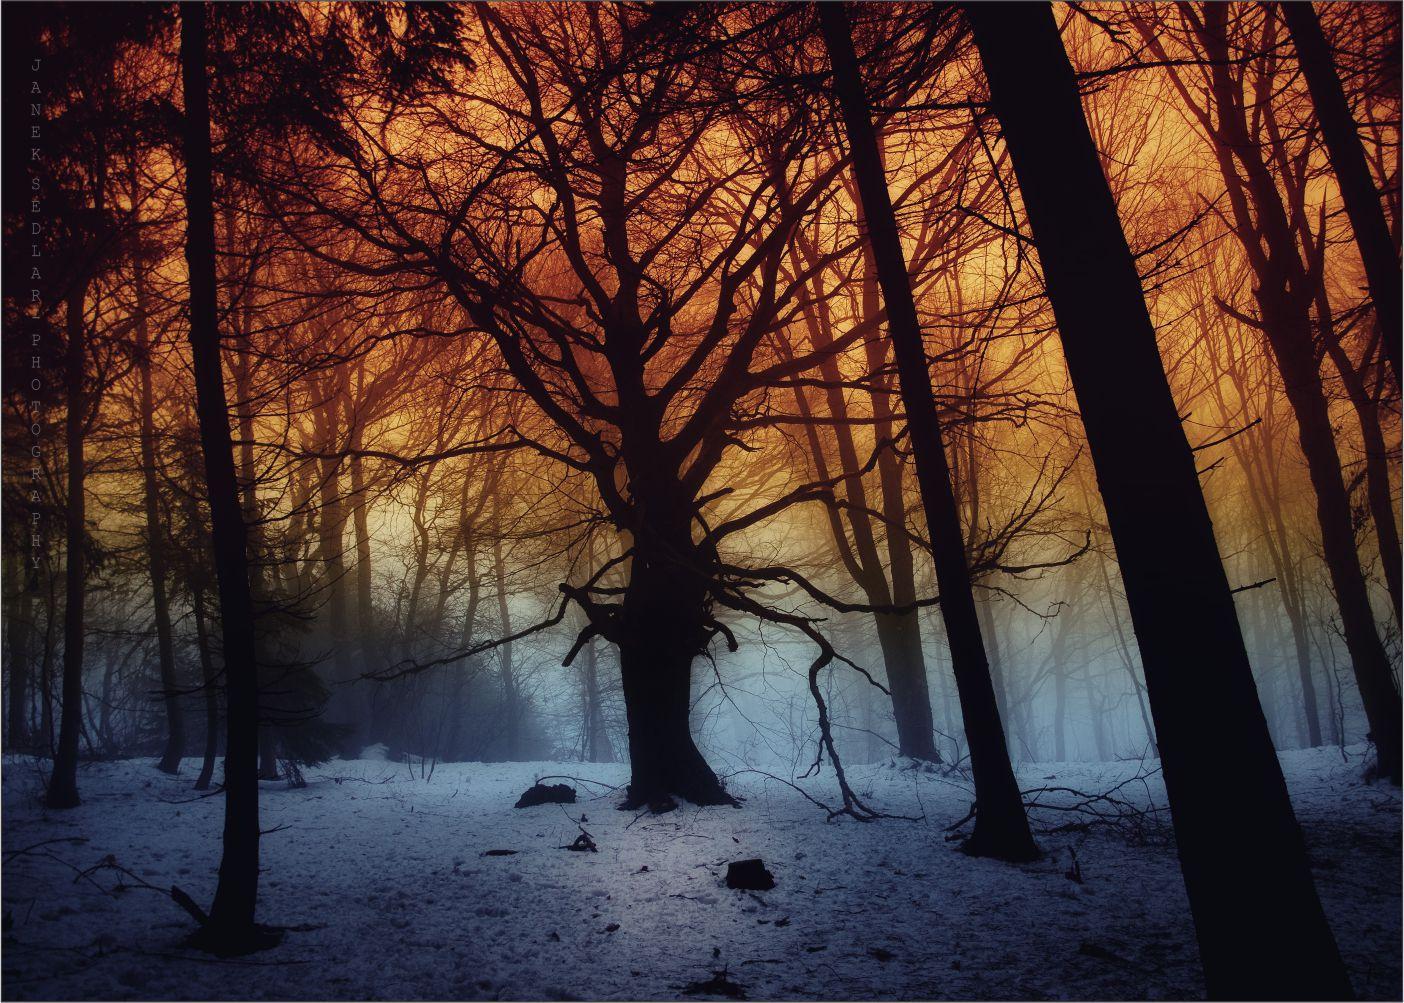 Papel de Parede Paisagens Floresta 0014  - Paredes Decoradas